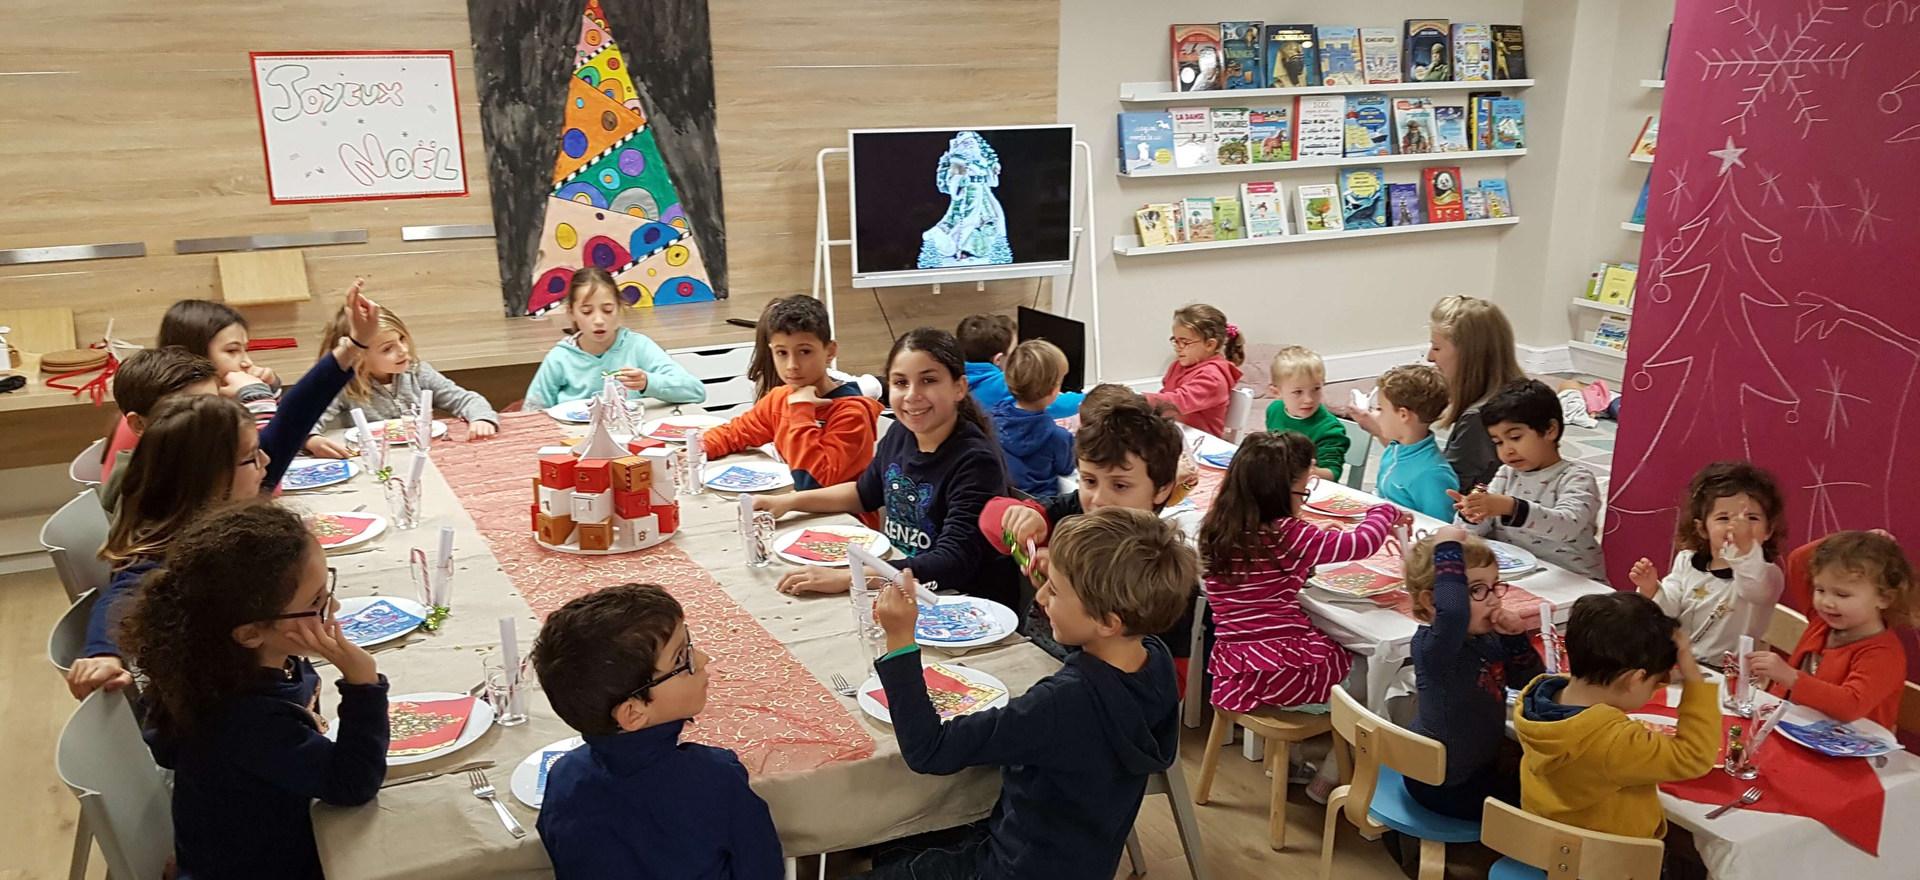 Evo's School repas de Noel.jpg